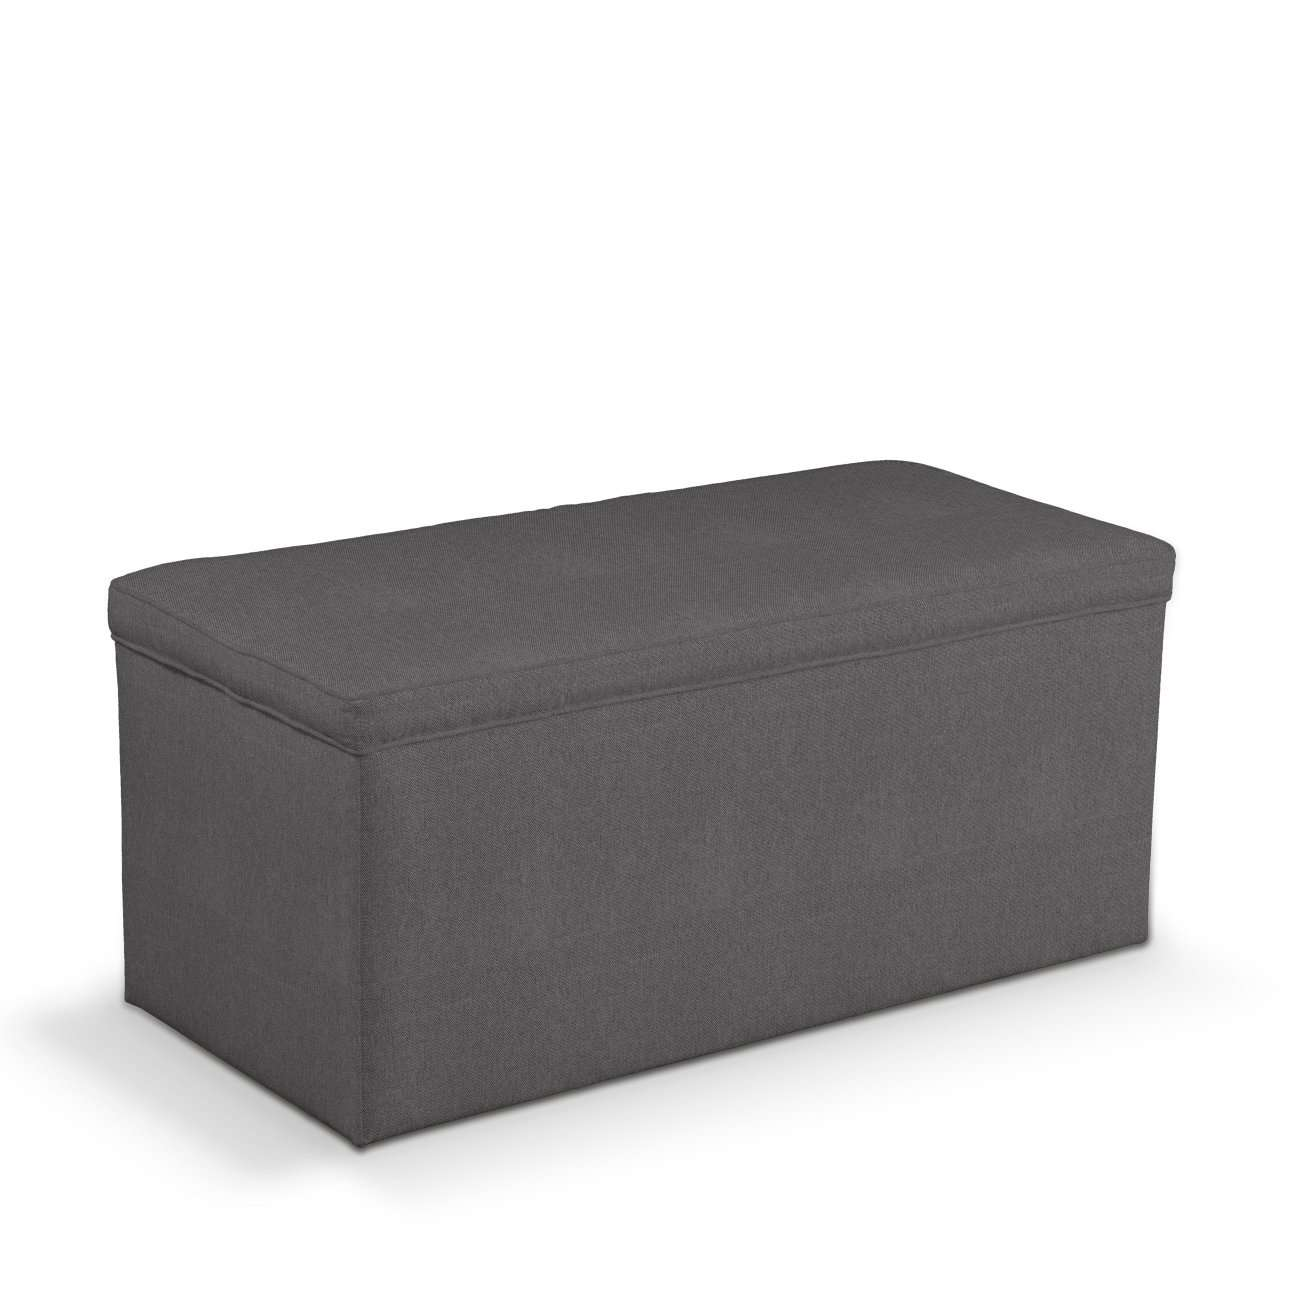 Čalouněná skříň s volbou látky - 2 velikosti v kolekci Etna, látka: 705-35